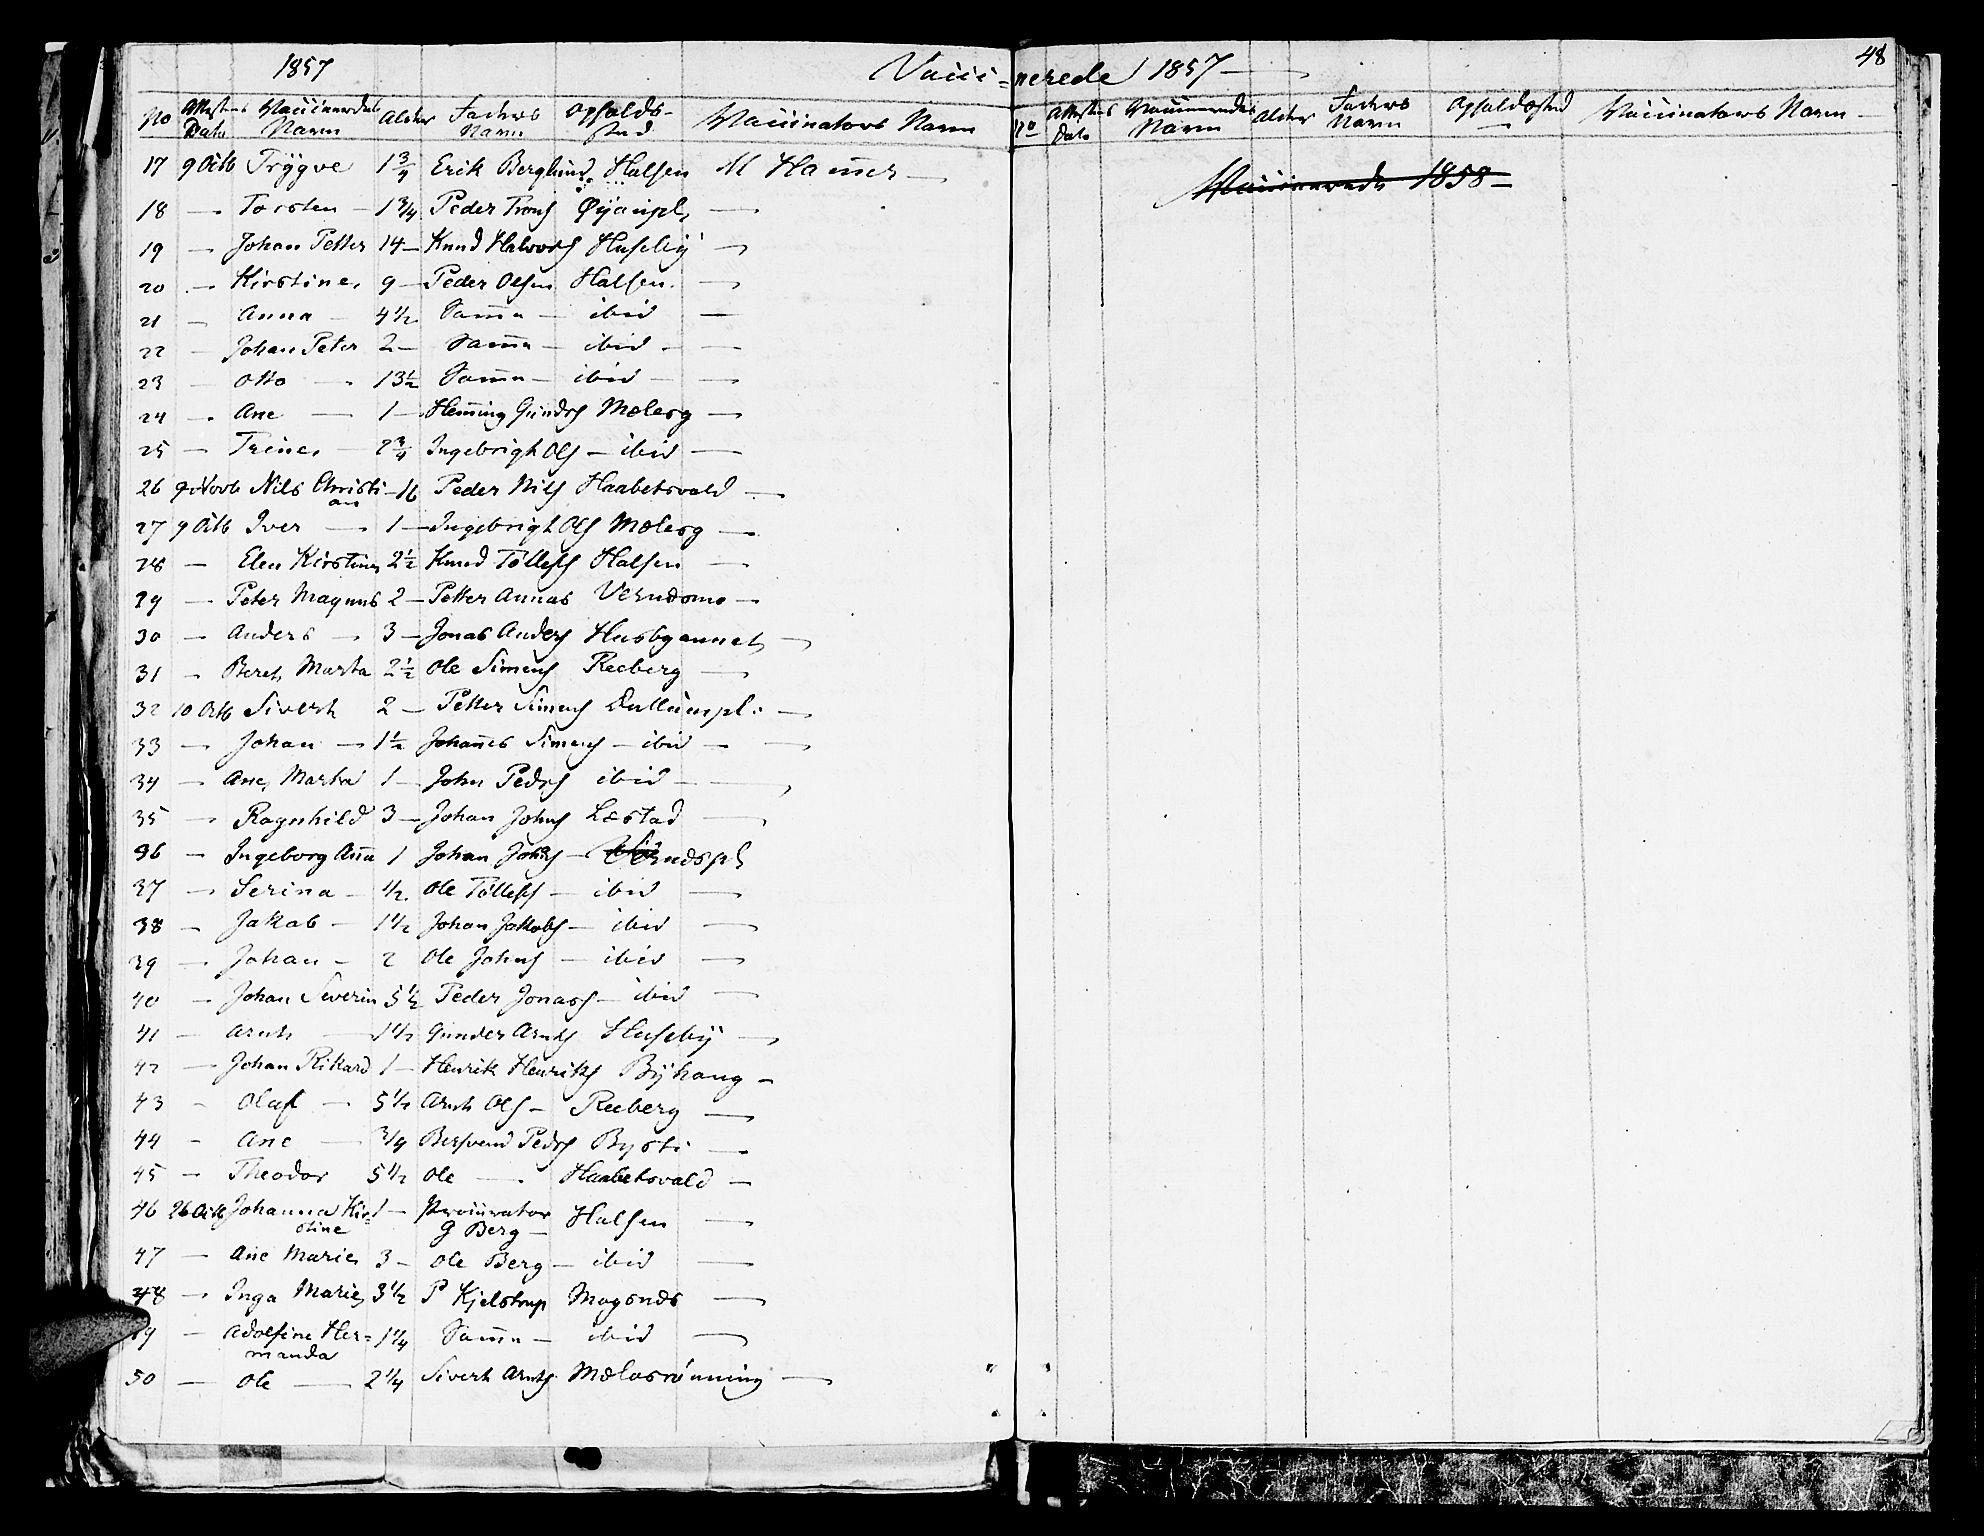 SAT, Ministerialprotokoller, klokkerbøker og fødselsregistre - Nord-Trøndelag, 709/L0061: Ministerialbok nr. 709A09 /1, 1820-1821, s. 48